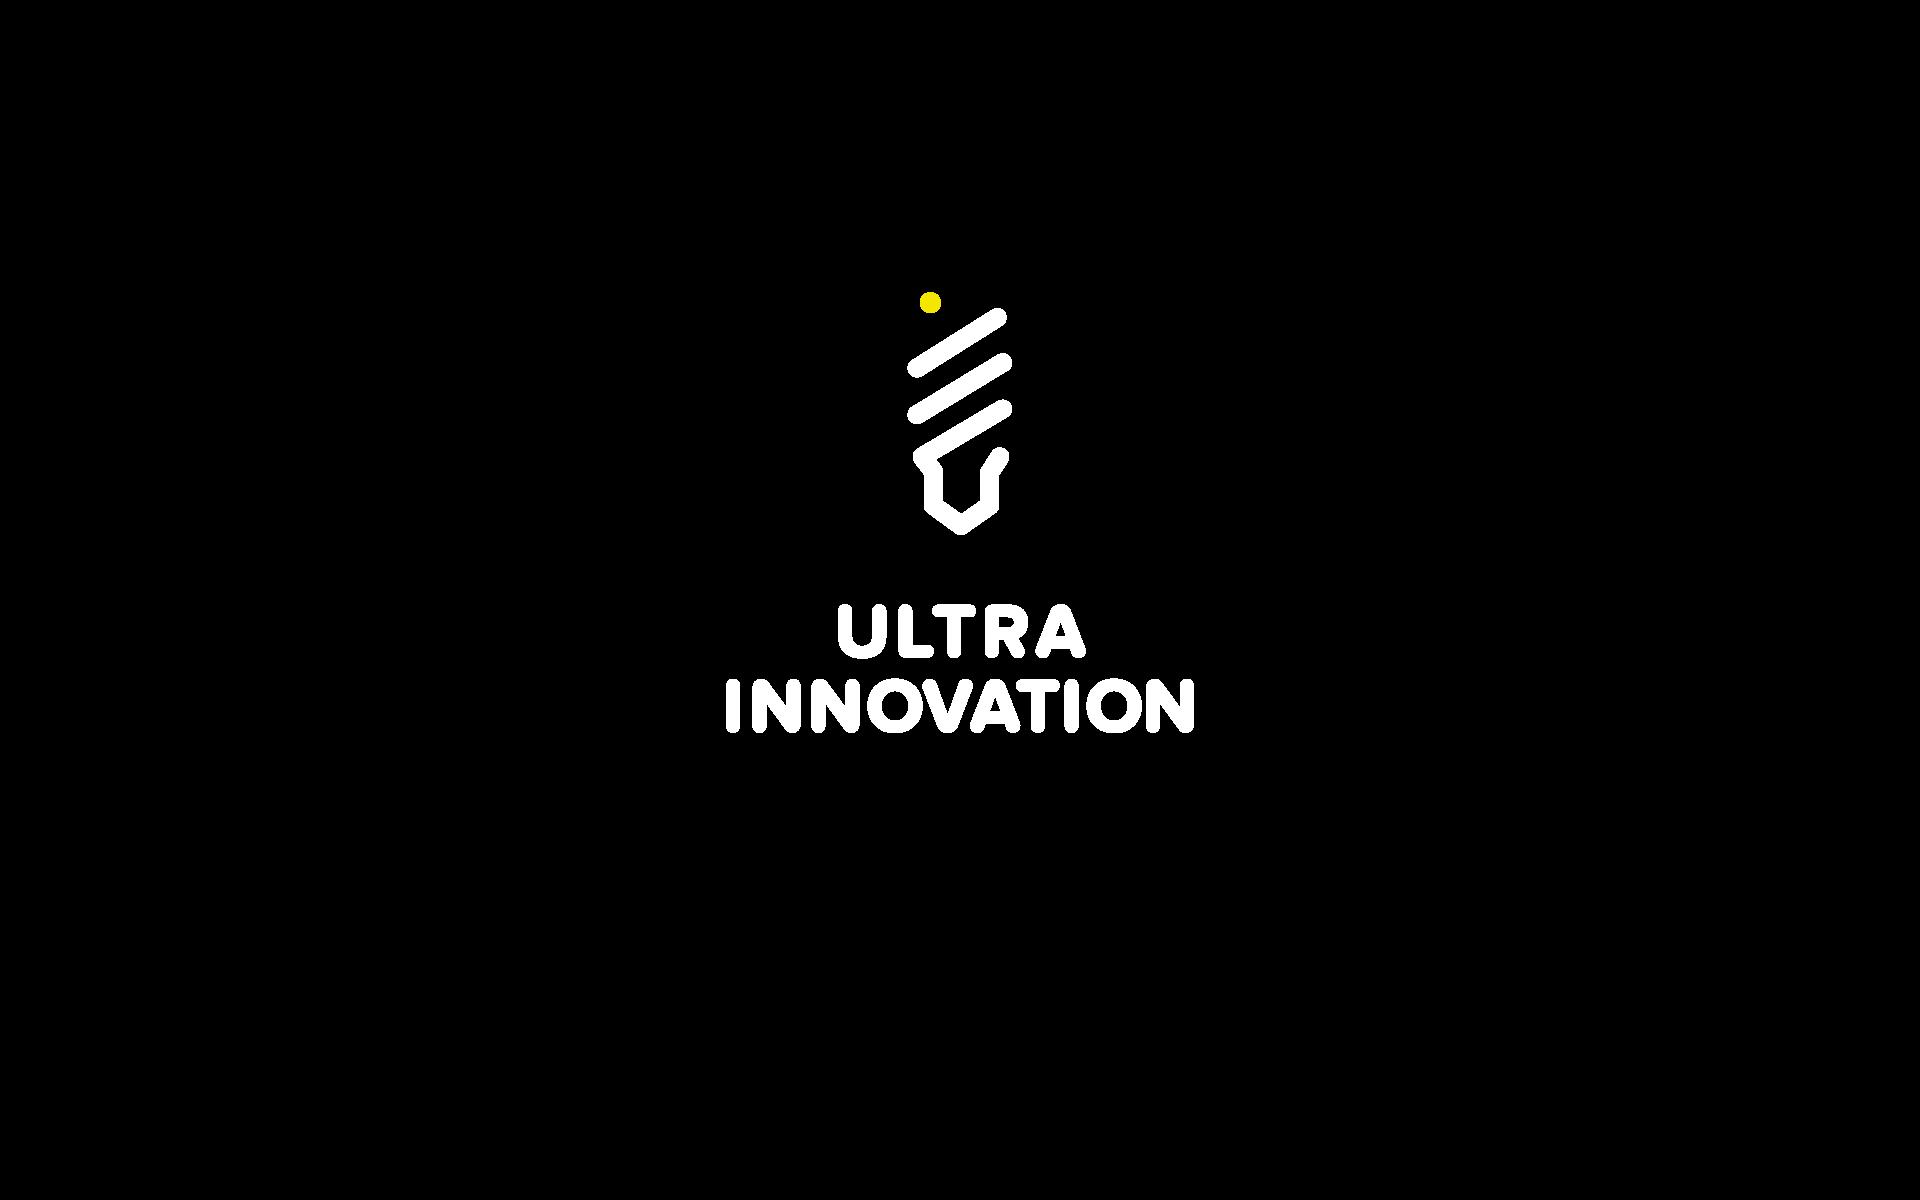 Ultra Innovation